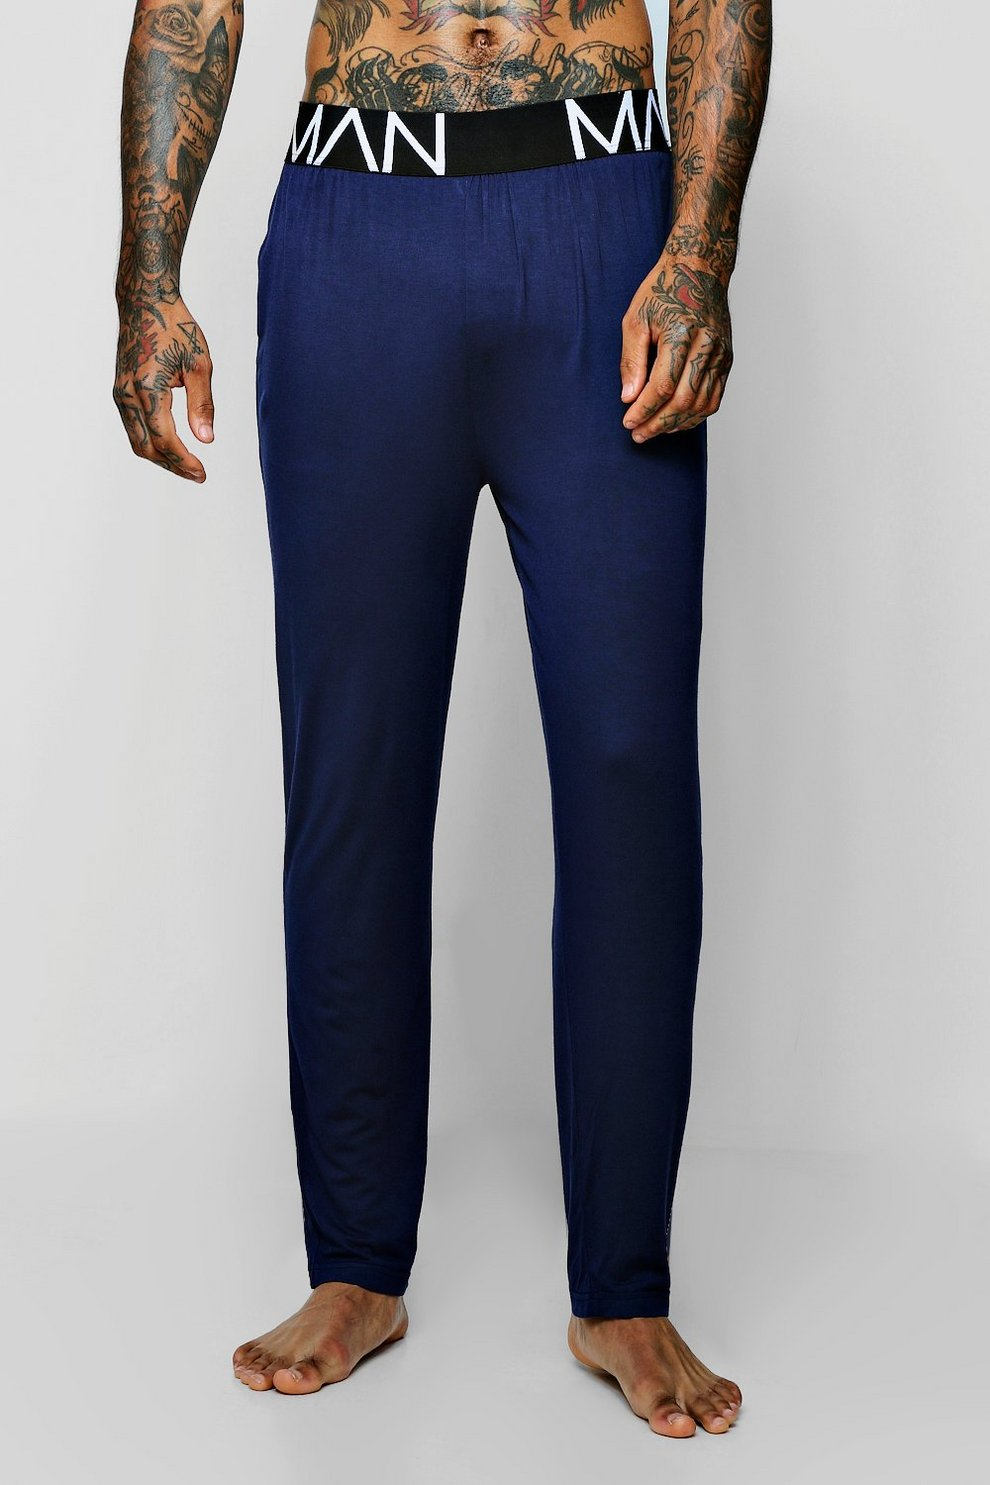 Y Pantalones Con Anchos Punto Cinturilla Estampado De Pijama zUpMSV